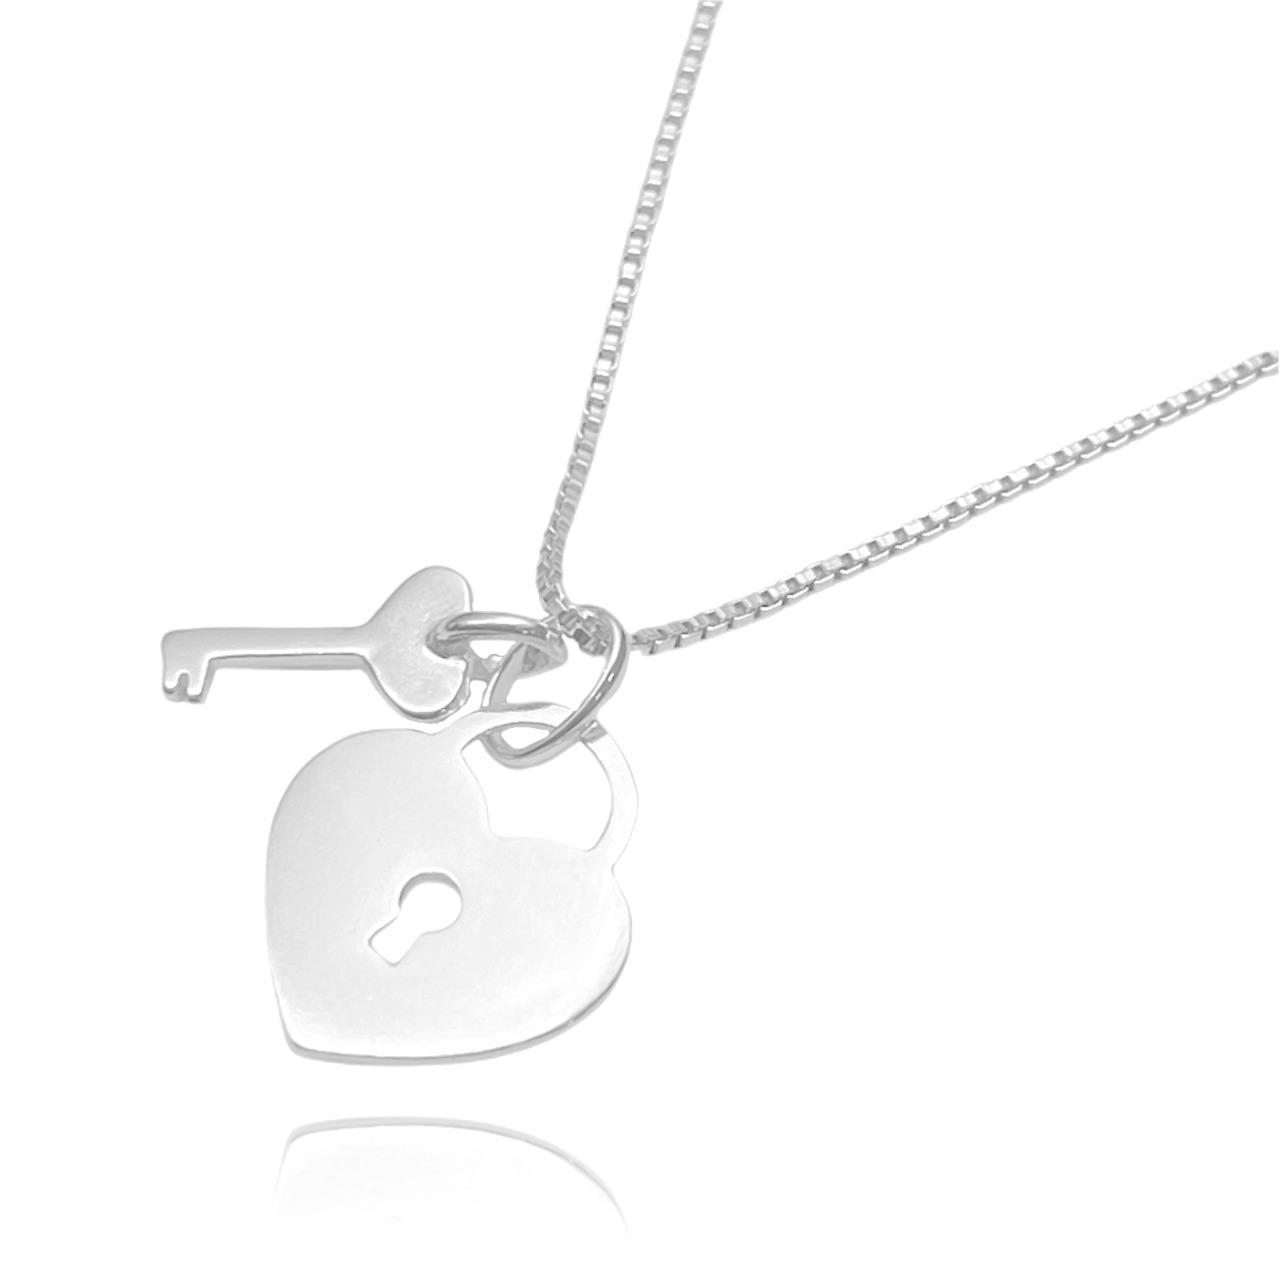 Pingente Cadeado Coração (1,7cmX1,4cm) (Prata 925 Maciça)